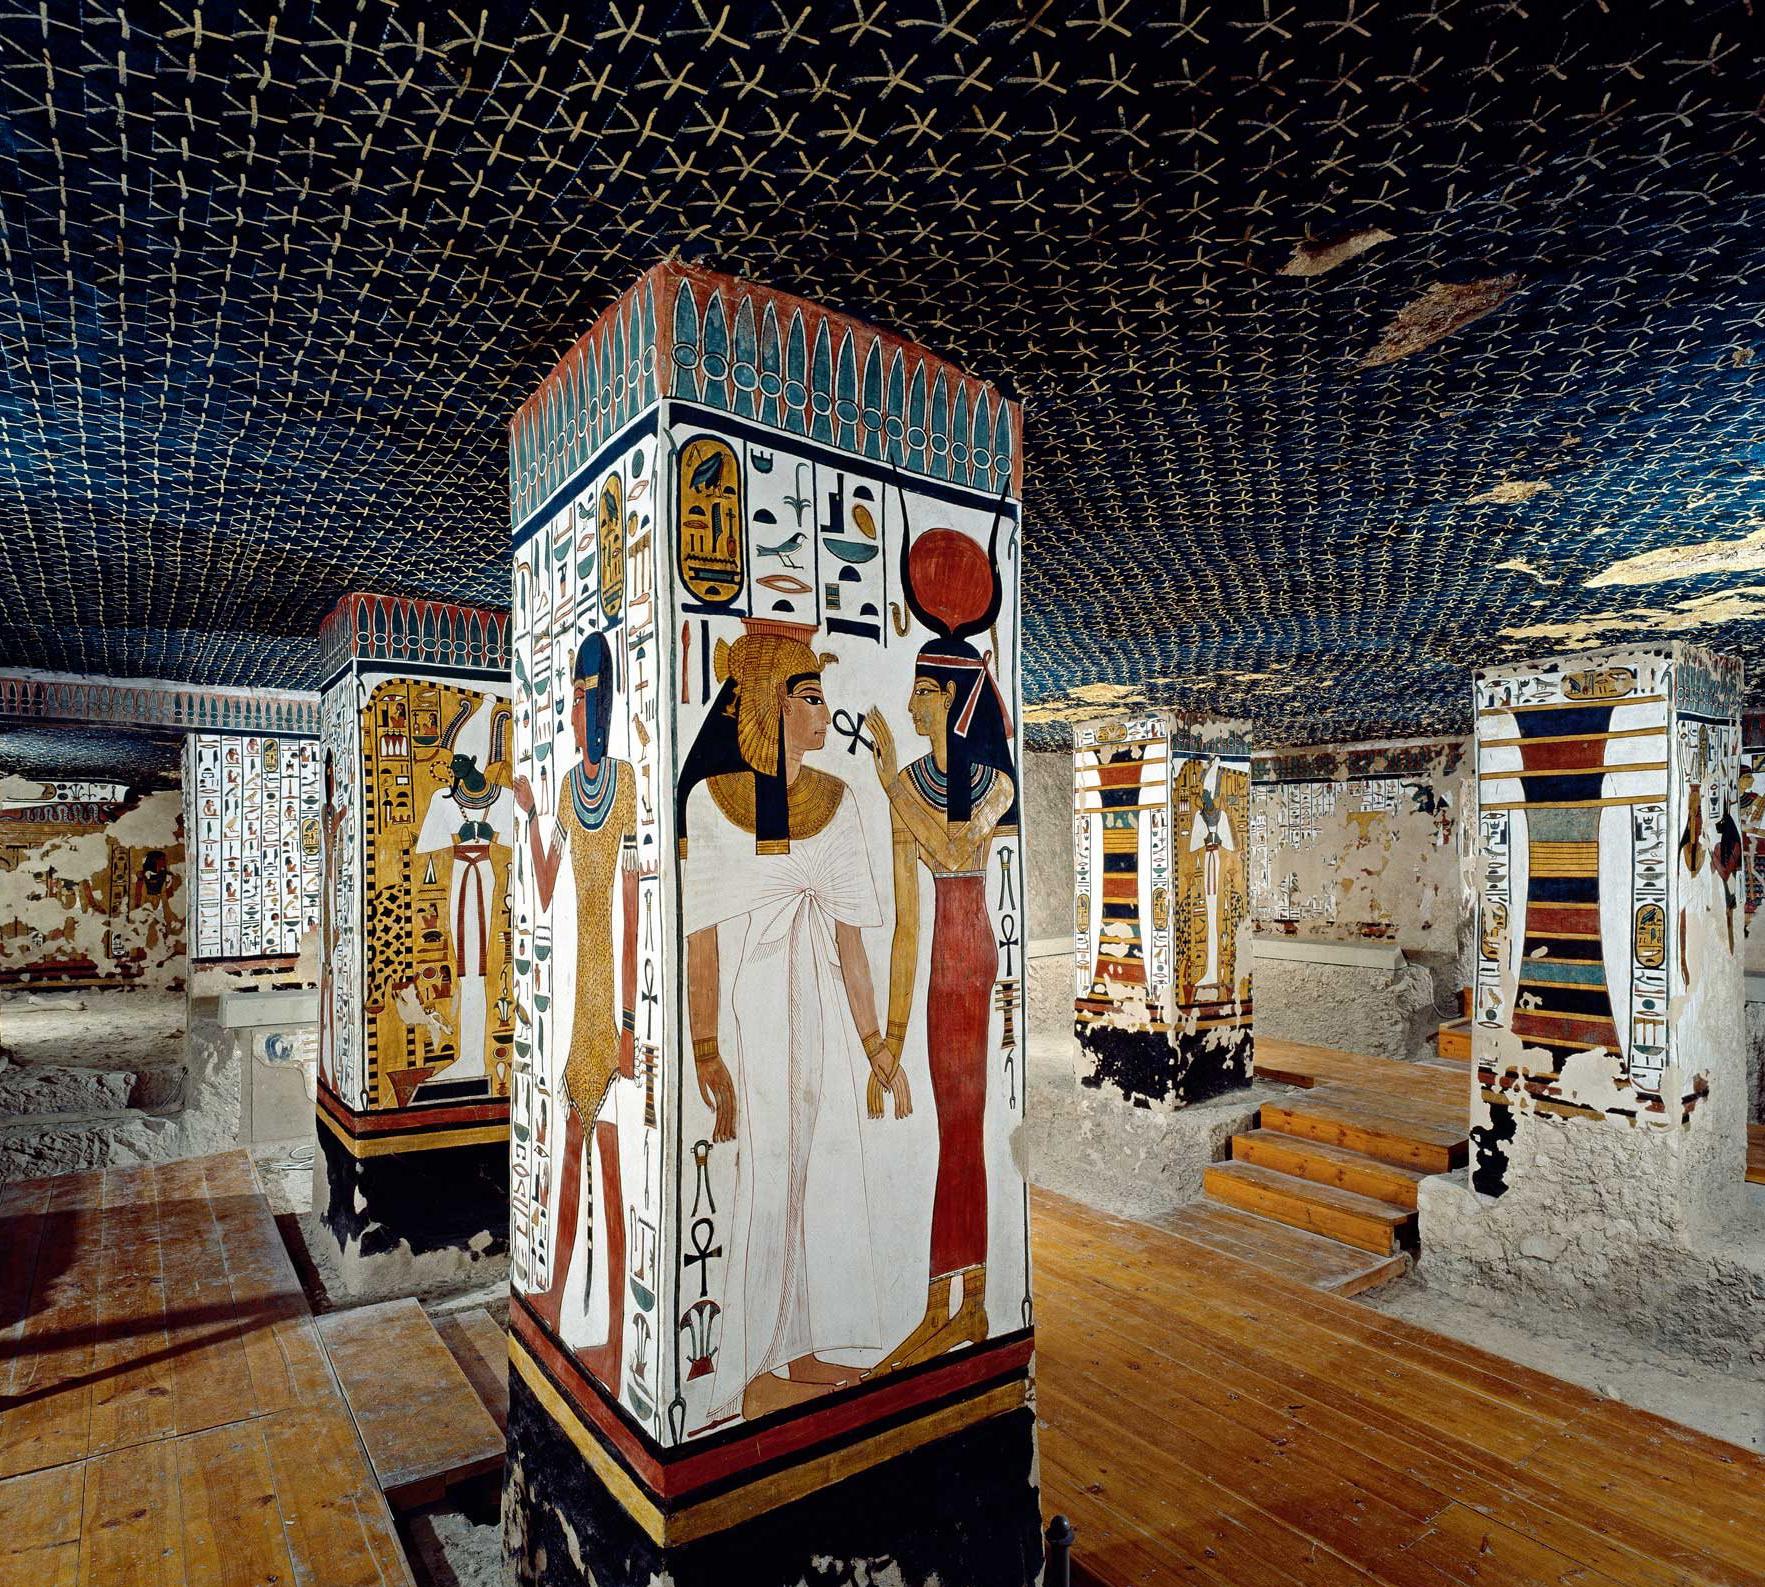 Imagen 5. Techo astronómico en la sala del sarcófago